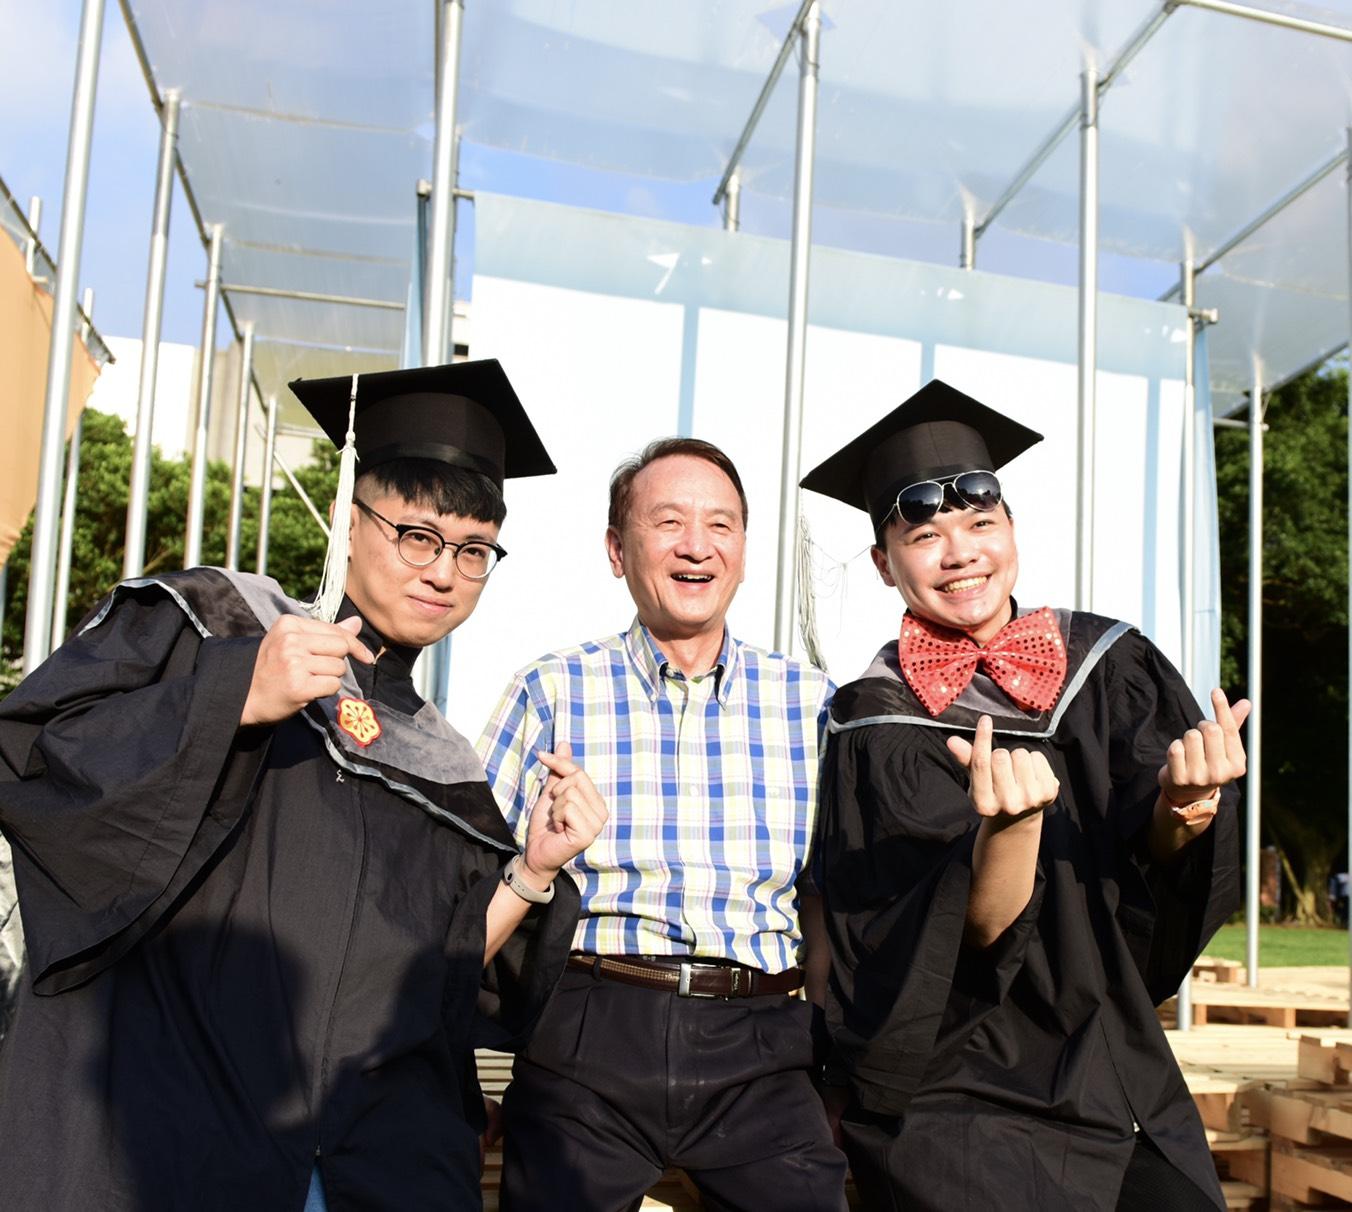 中原大學校長畢典獻唱 祝褔學生為生命帶來美好